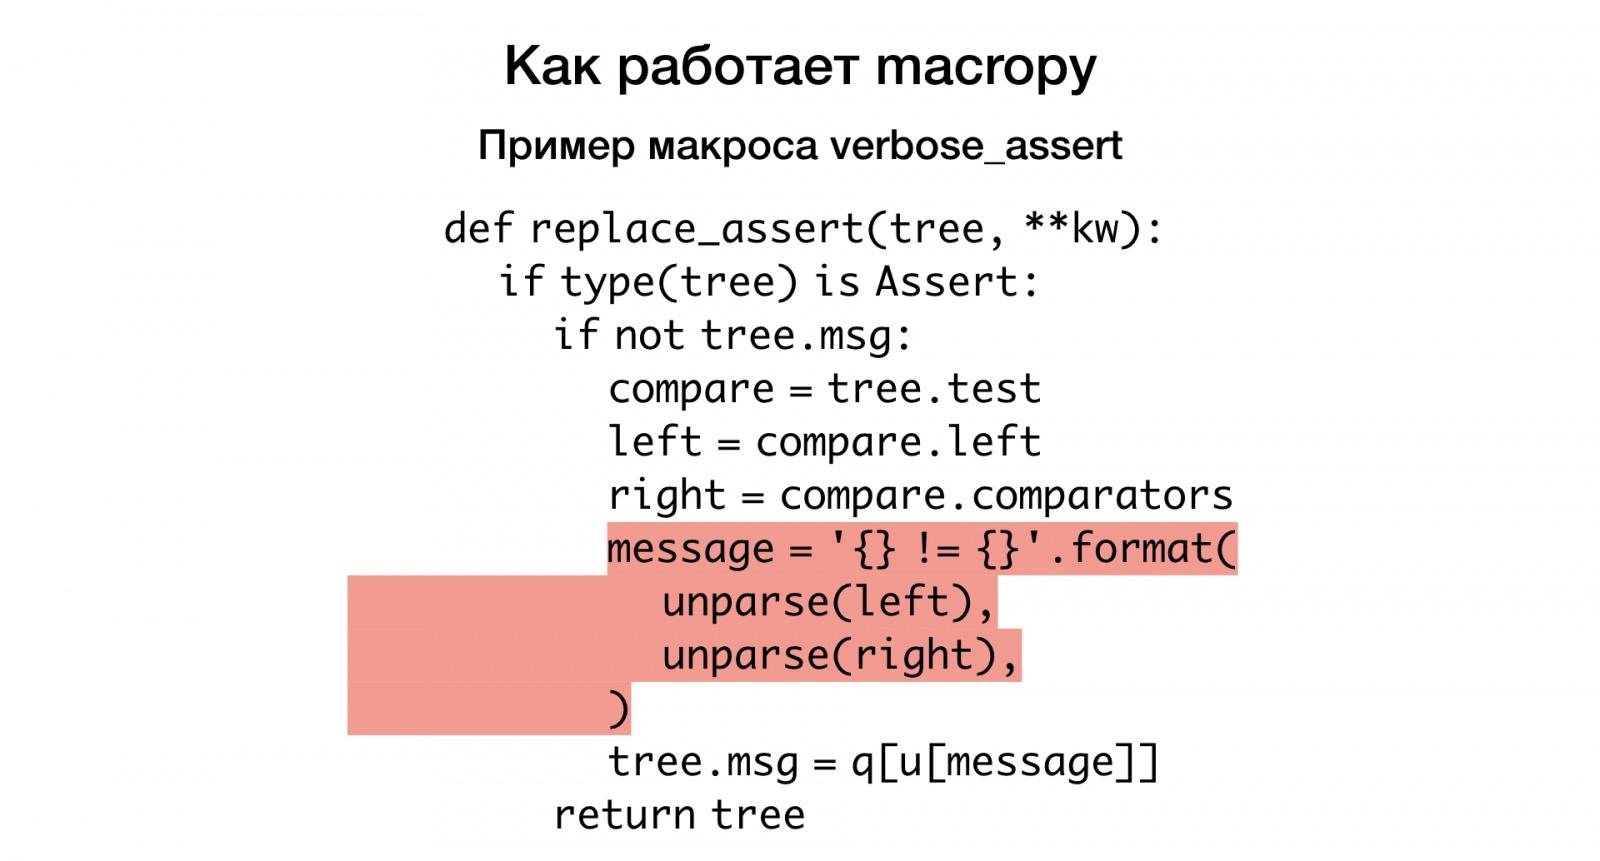 Макросы для питониста. Доклад Яндекса - 31